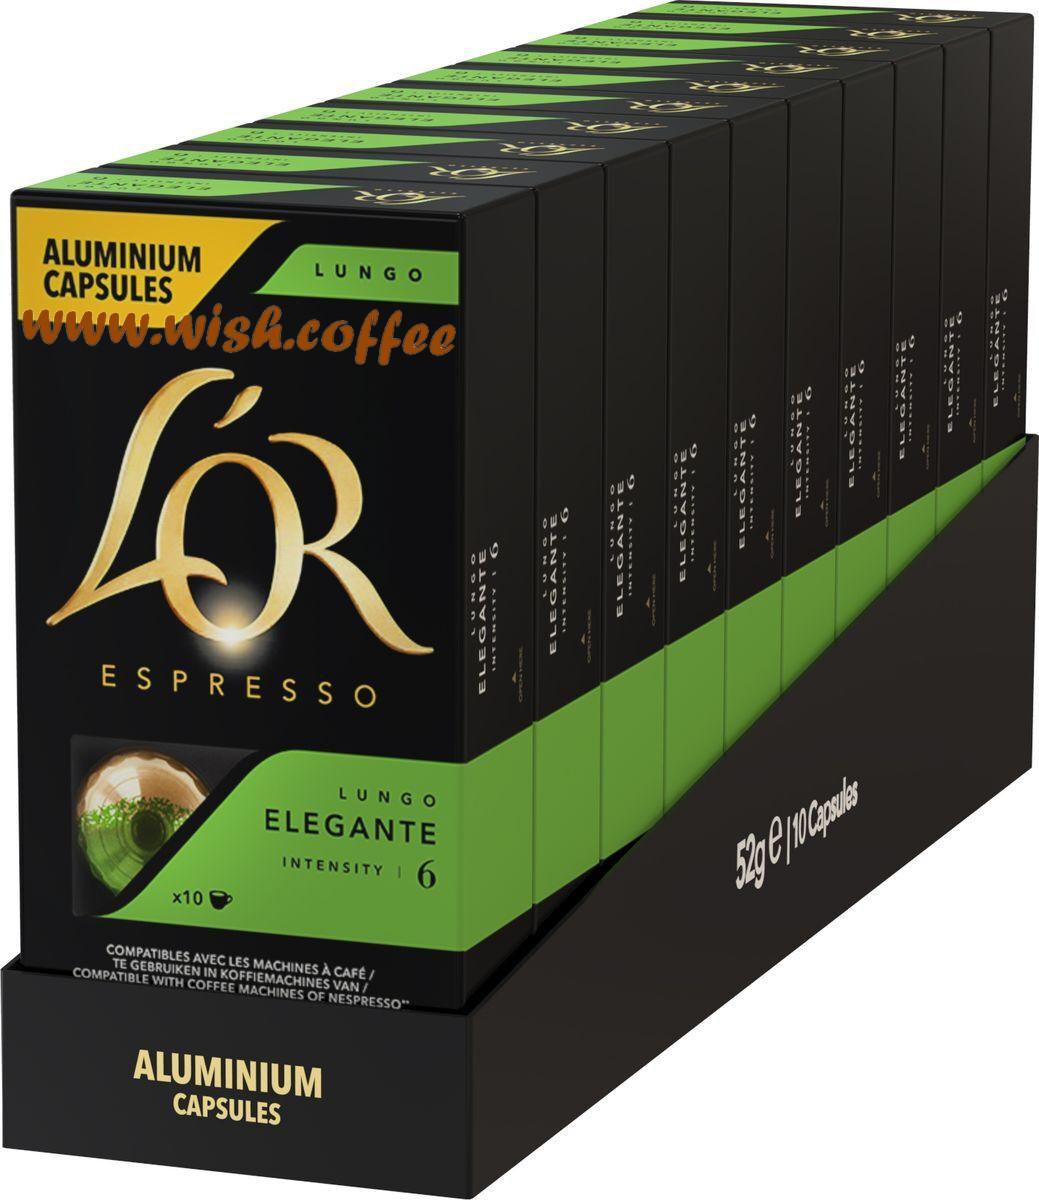 АКЦИЯ 60 грн! Сет Nespresso L'or Elegante  (10 упаковок по 10 капсул)